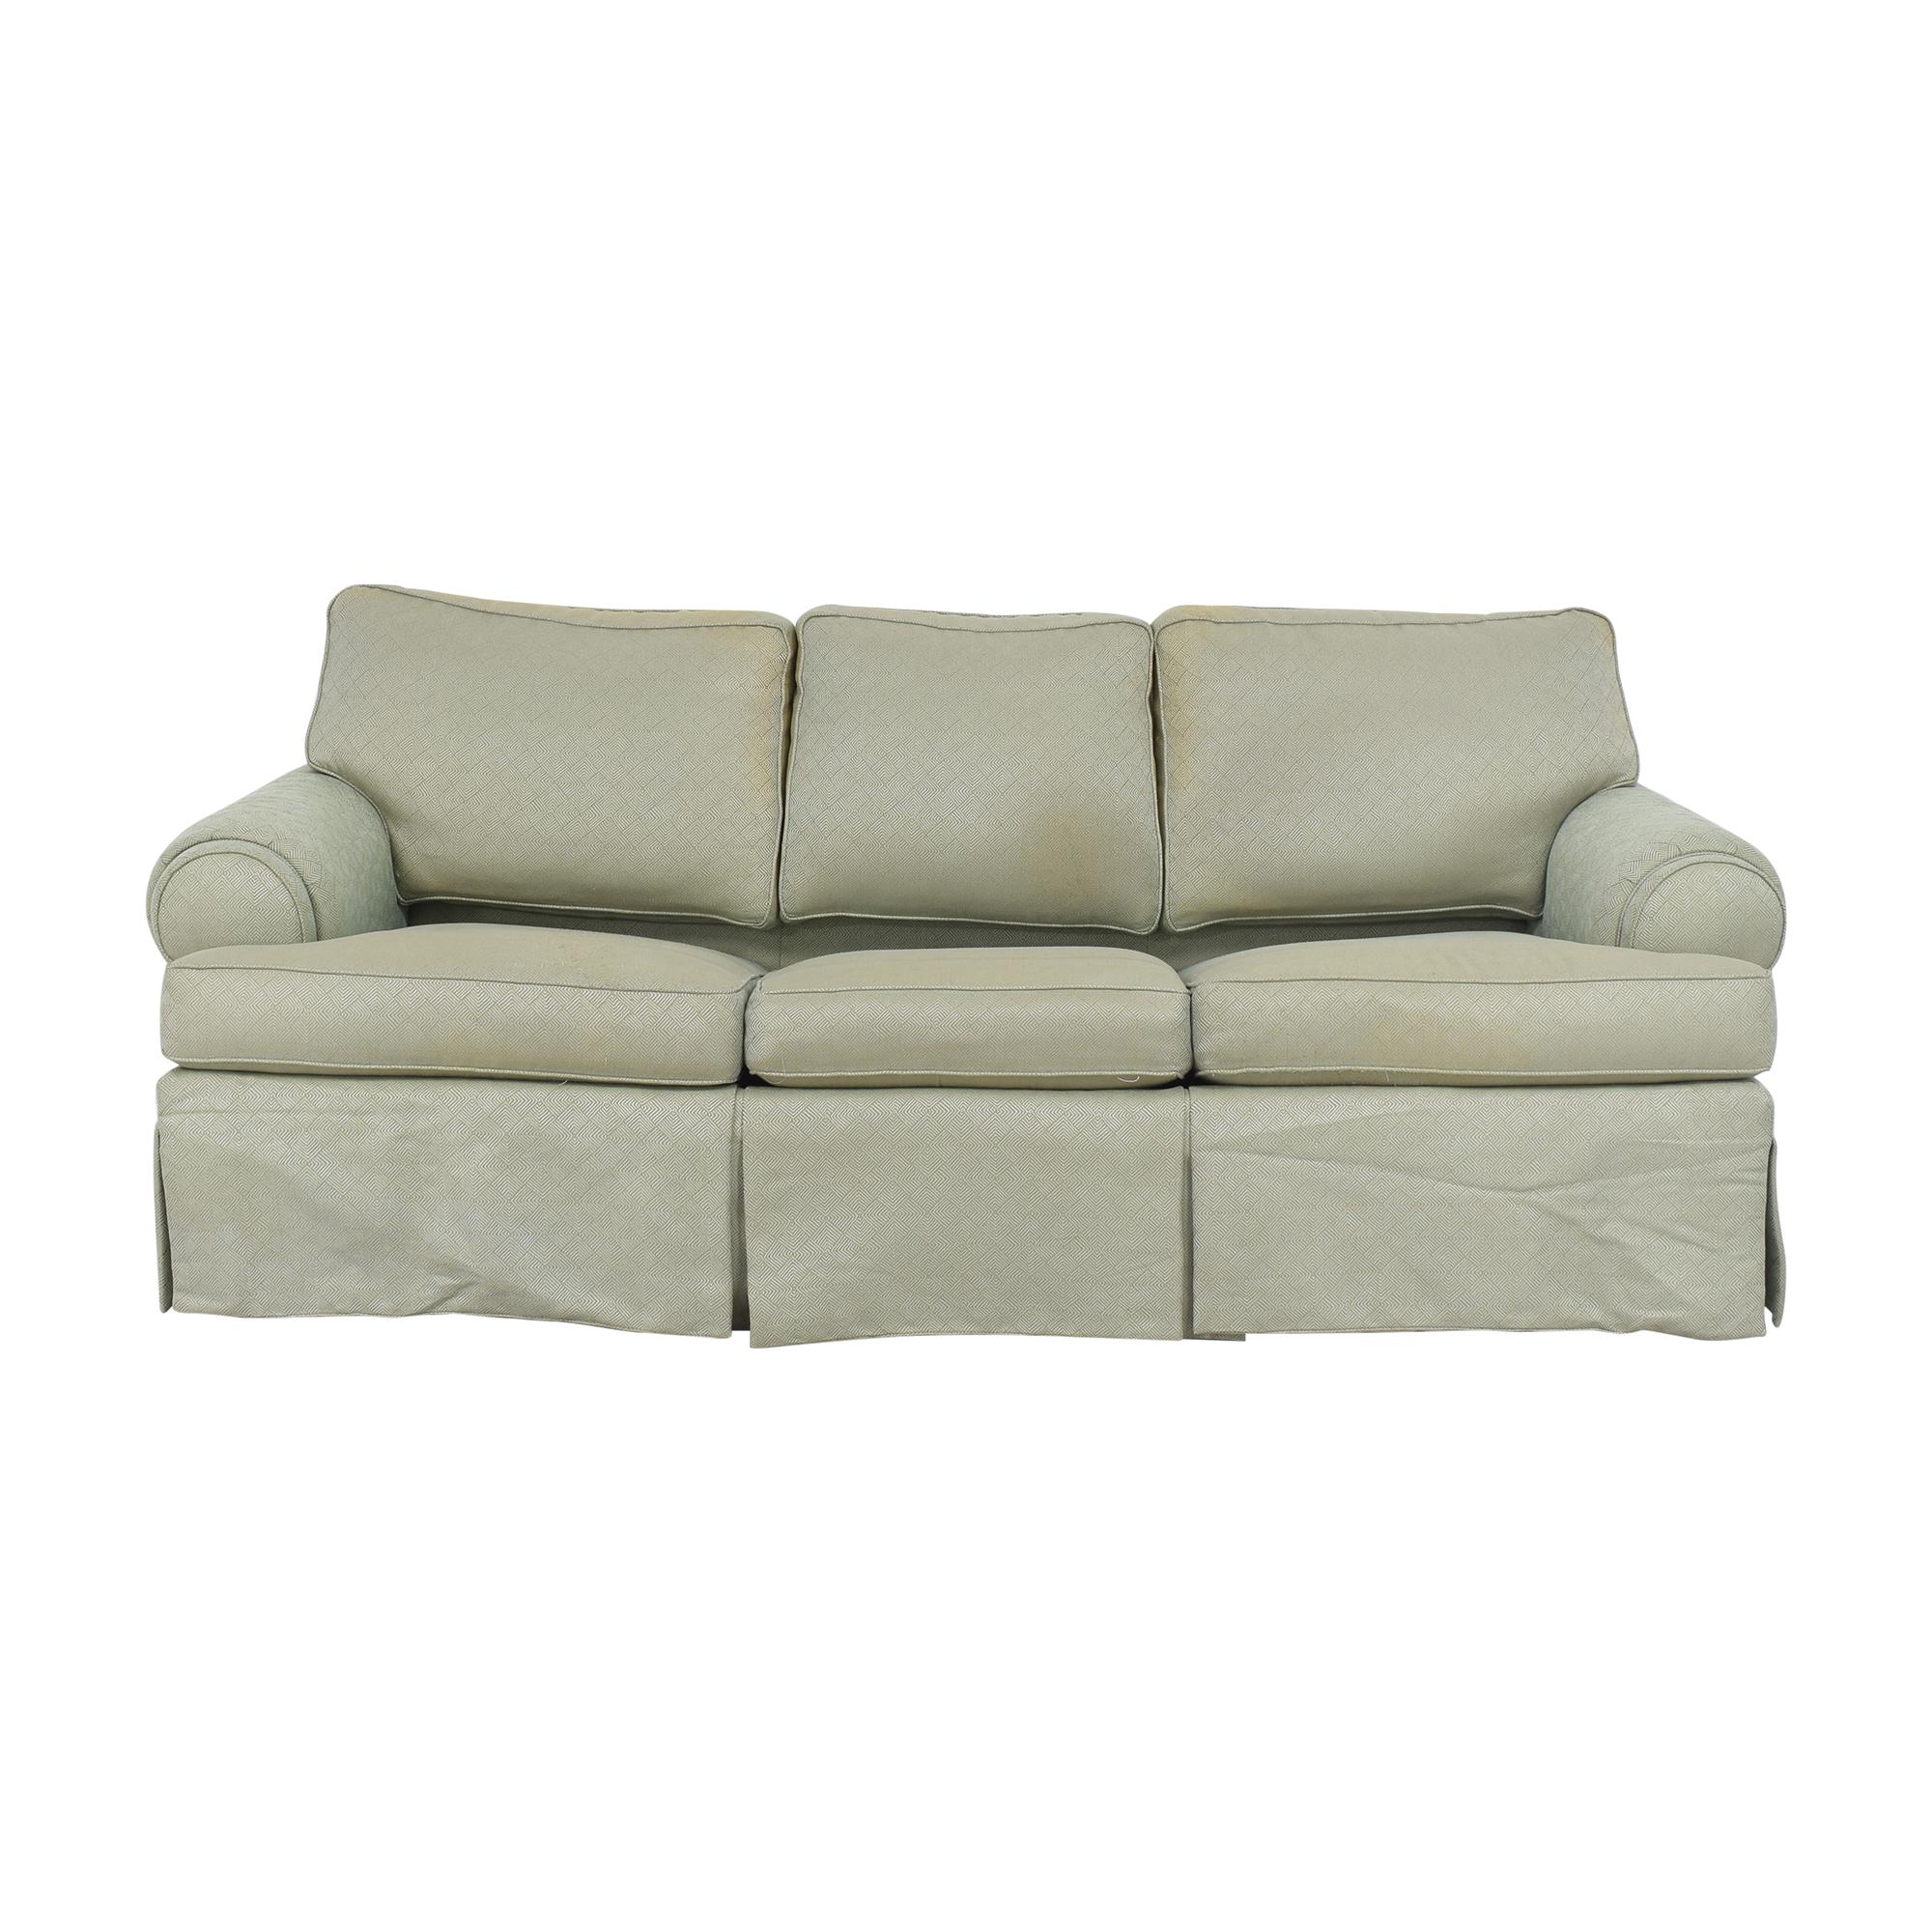 Ethan Allen Ethan Allen Roll Arm Sleeper Sofa dimensions